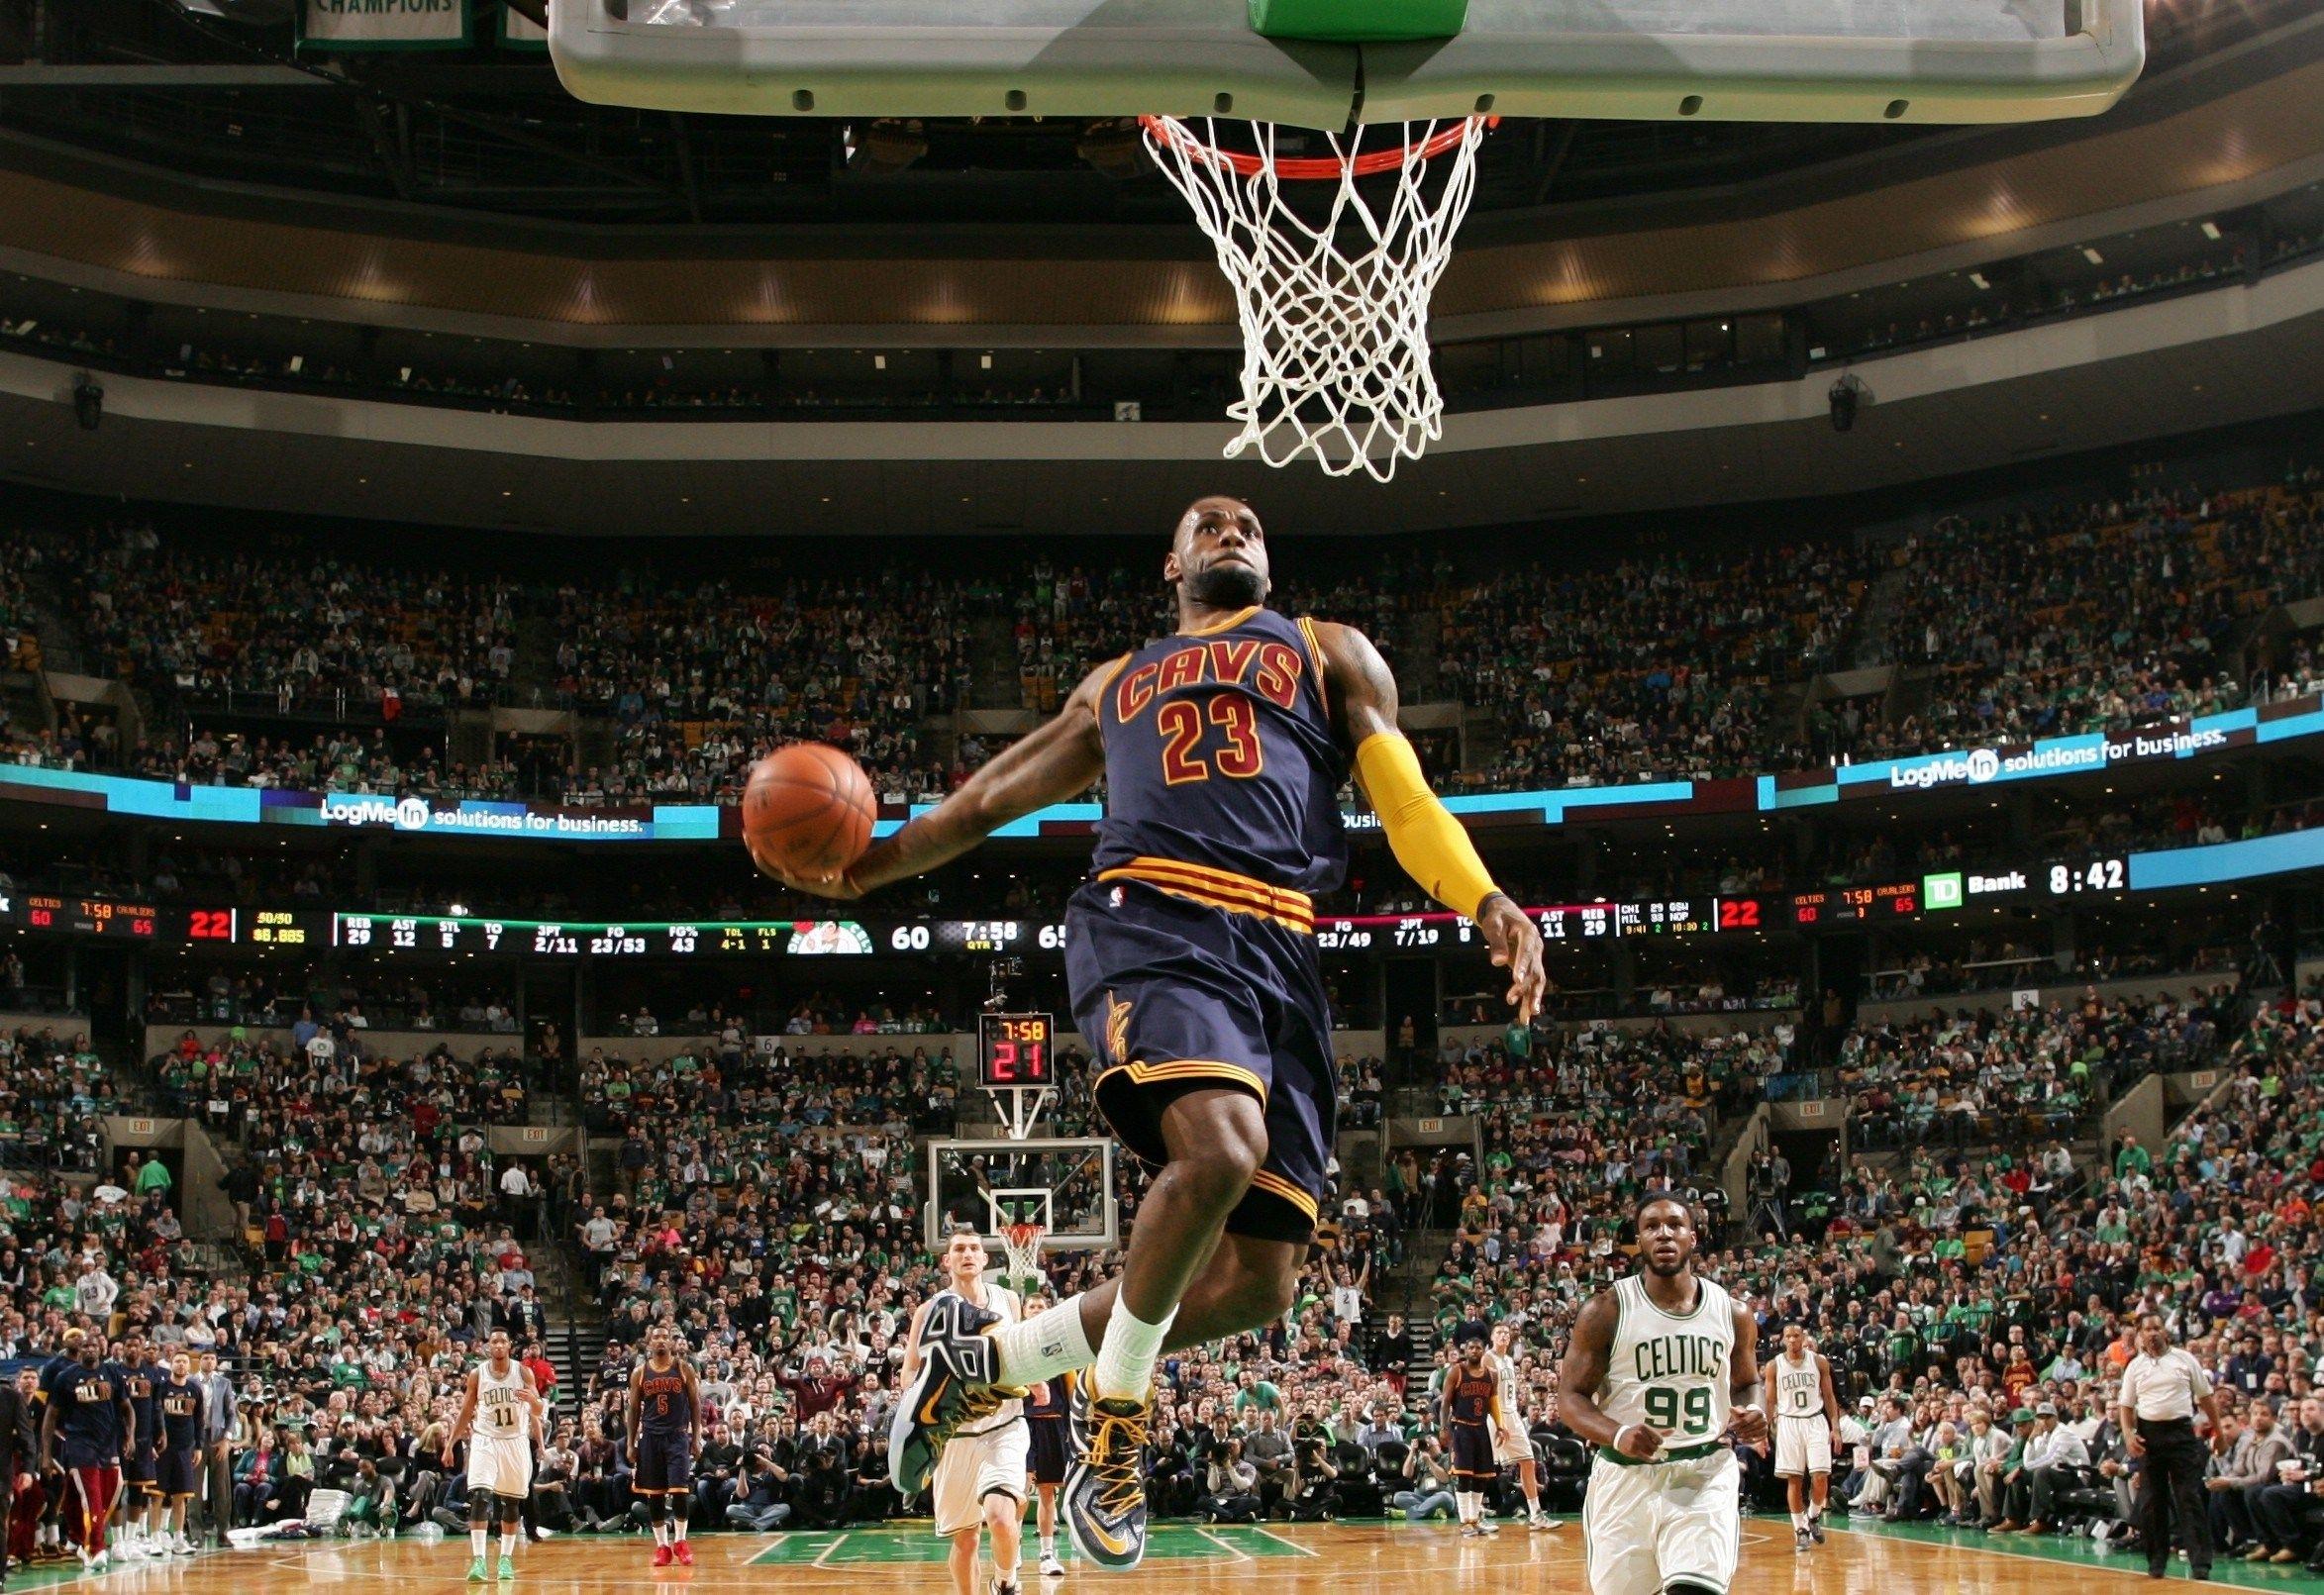 image for lebron james dunk wallpaper full hd #i14ev | basket :d